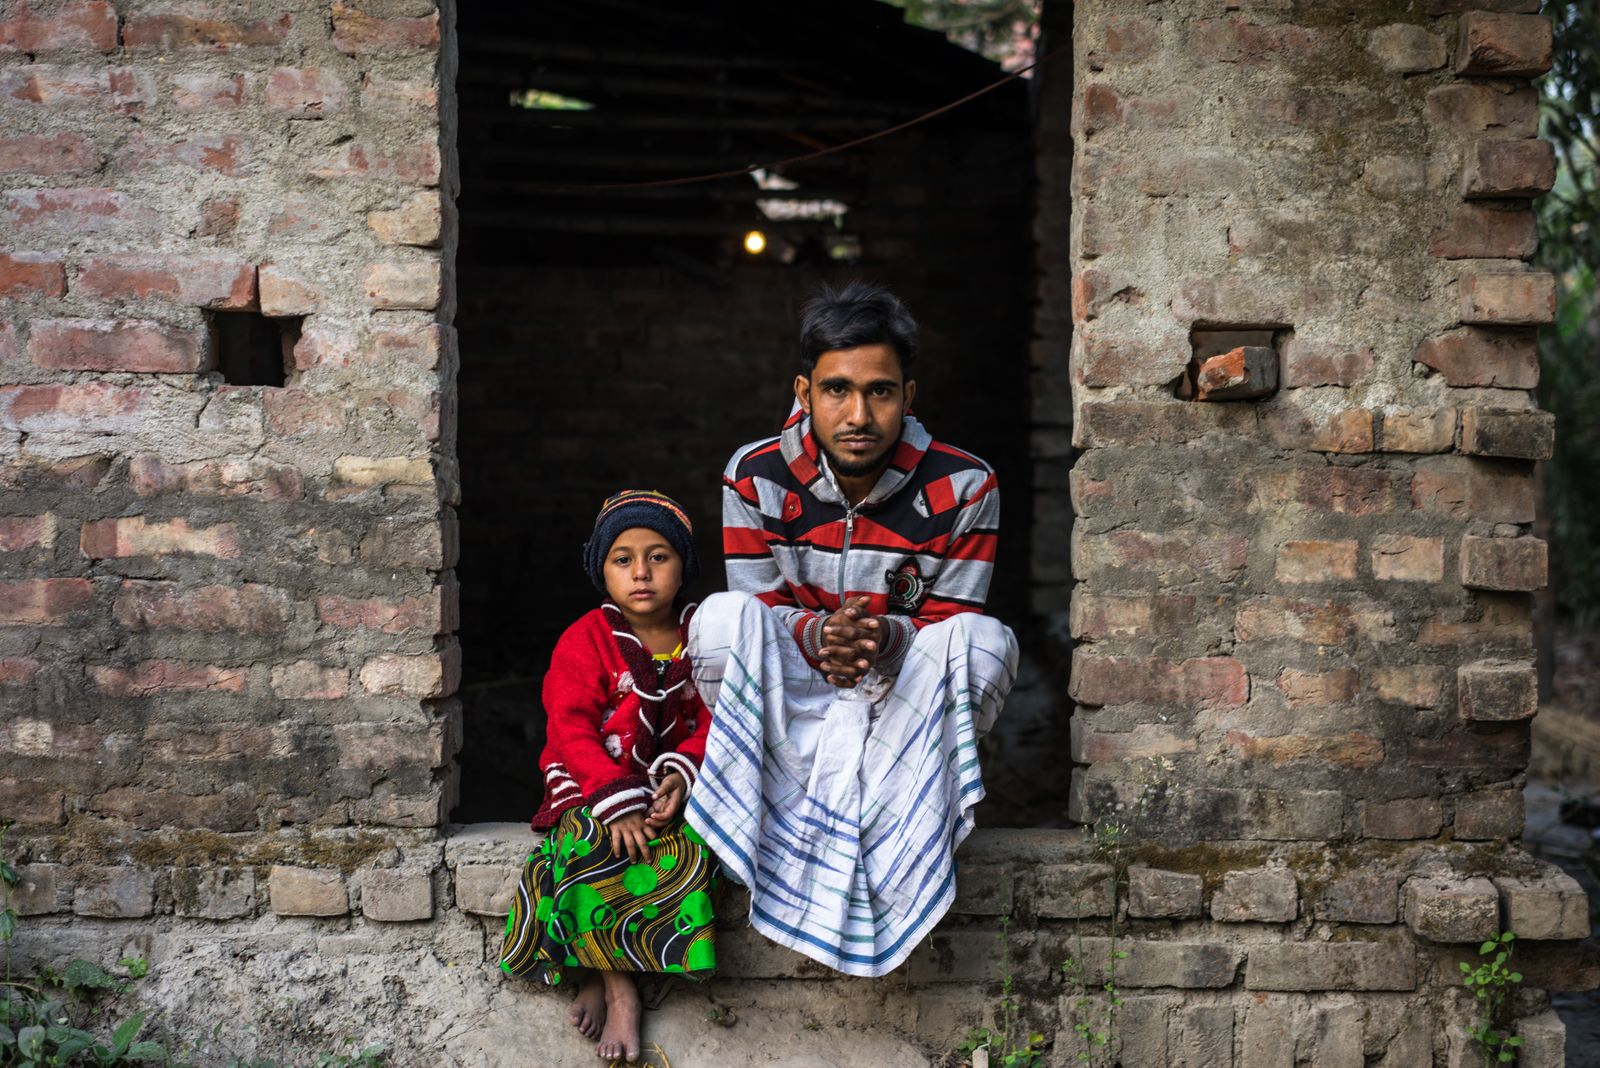 sdas2015-polio-india-0055.JPG